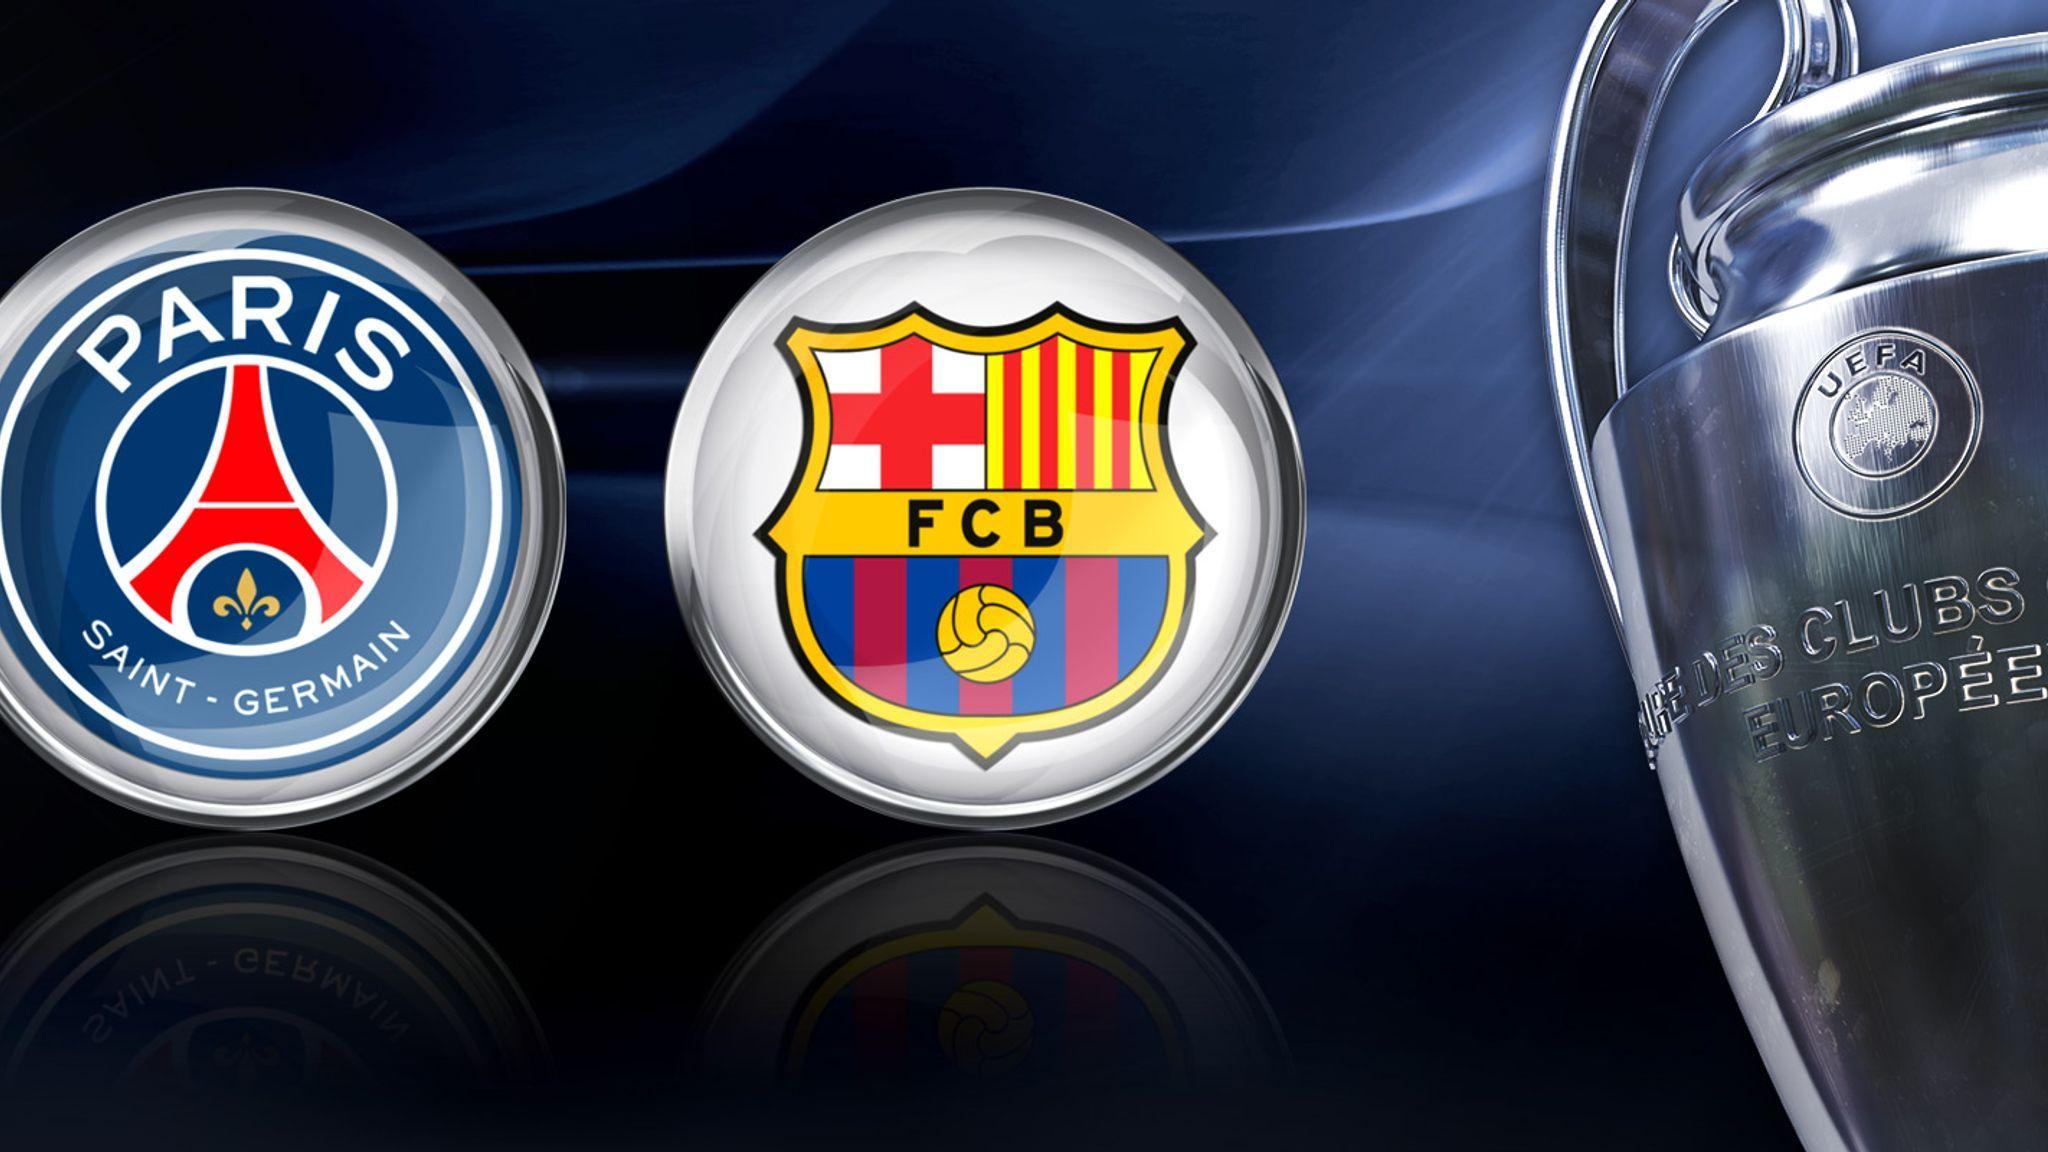 च य म प यन स ल गक ड र स र वजन क प एसज र ब र स ल न भ ड द Champions League Draw Champions League Sport Team Logos